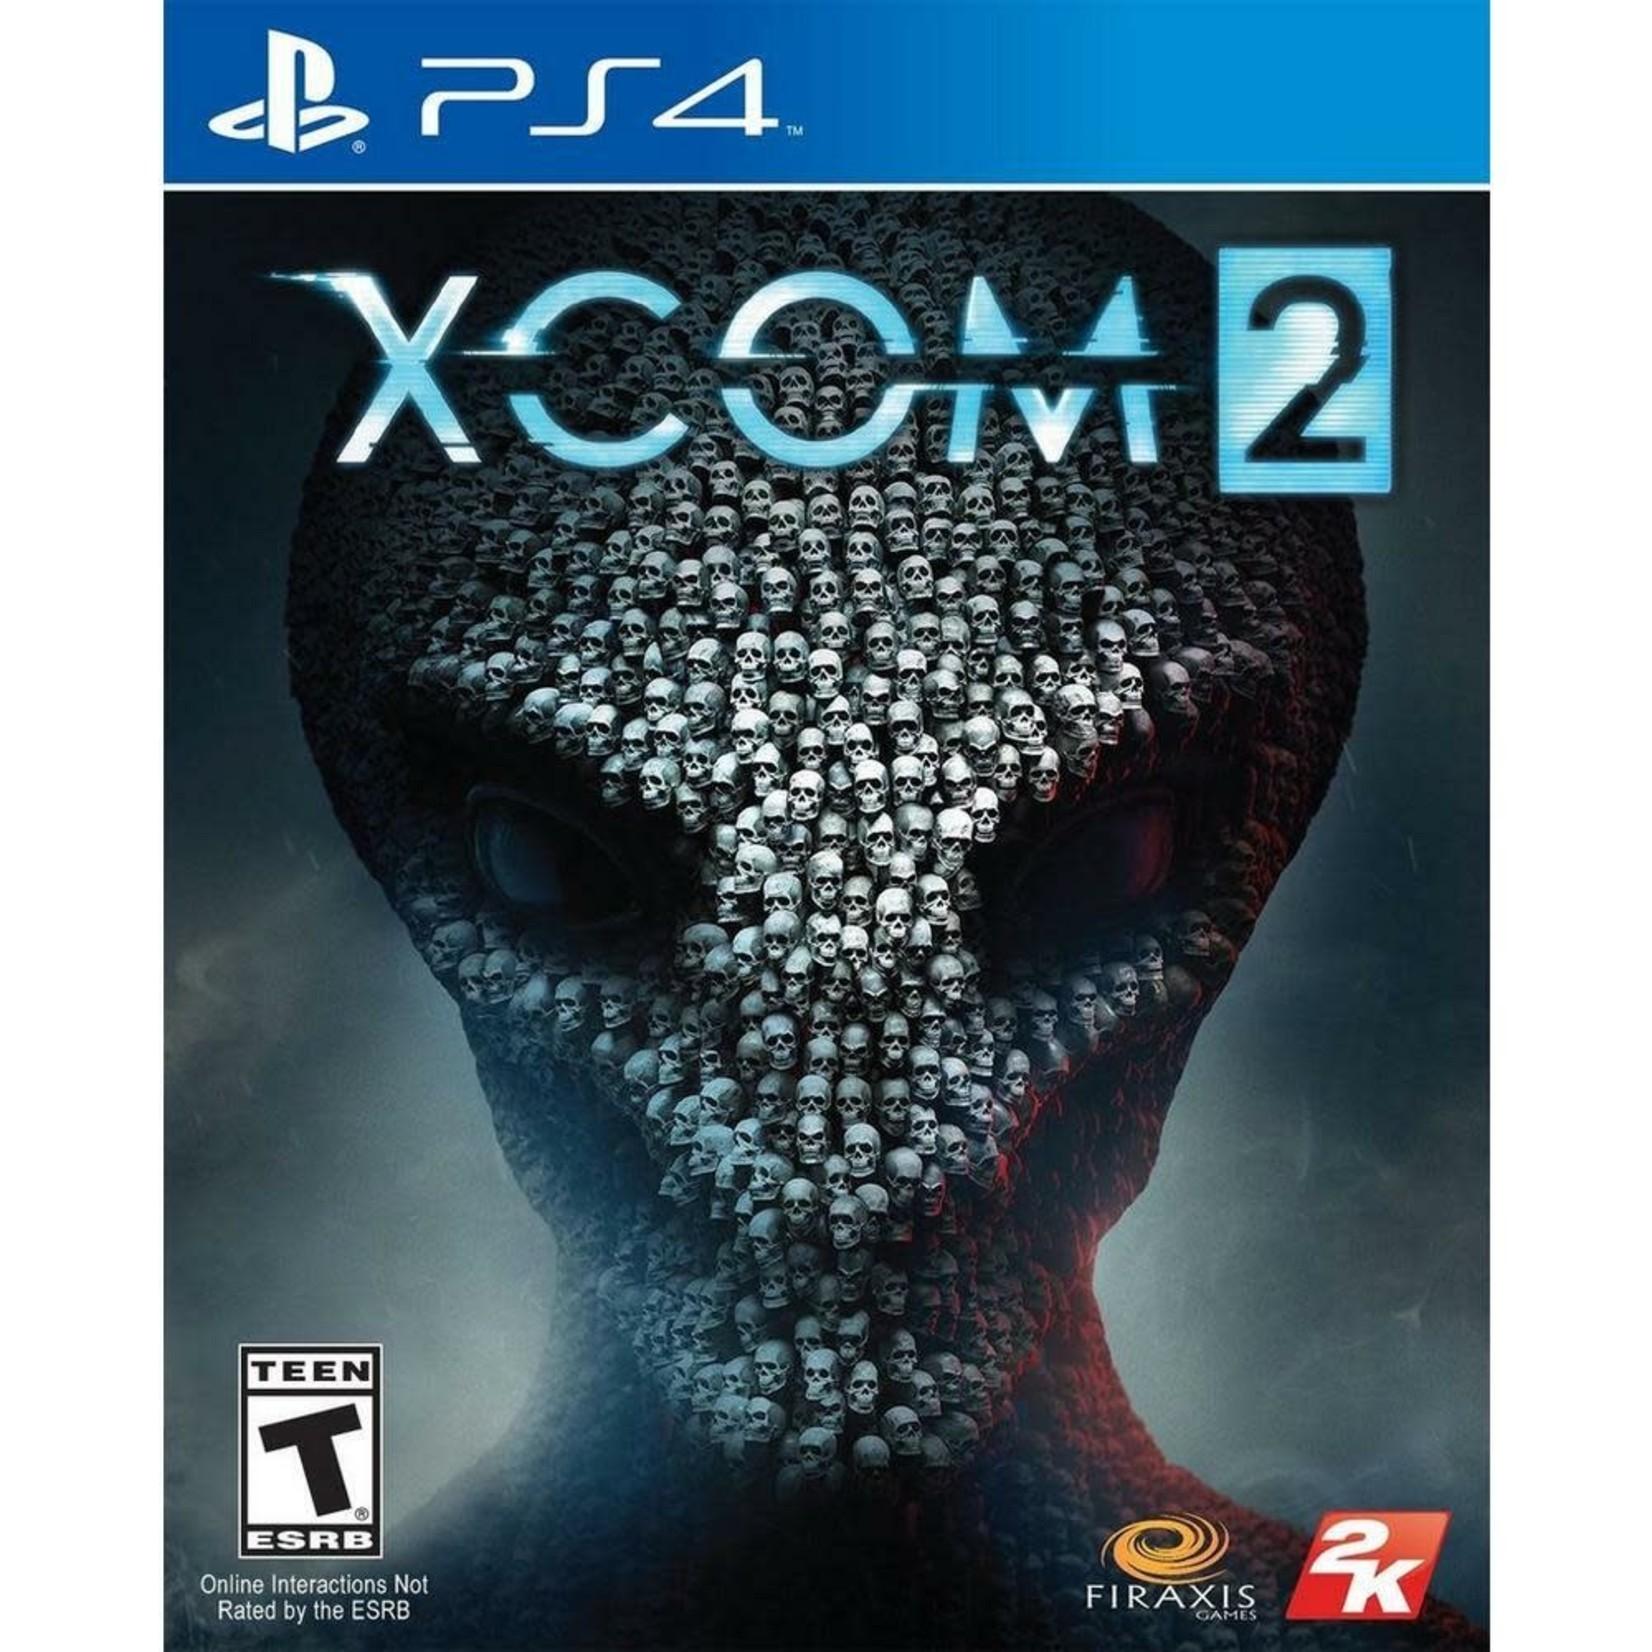 PS4U-XCOM 2